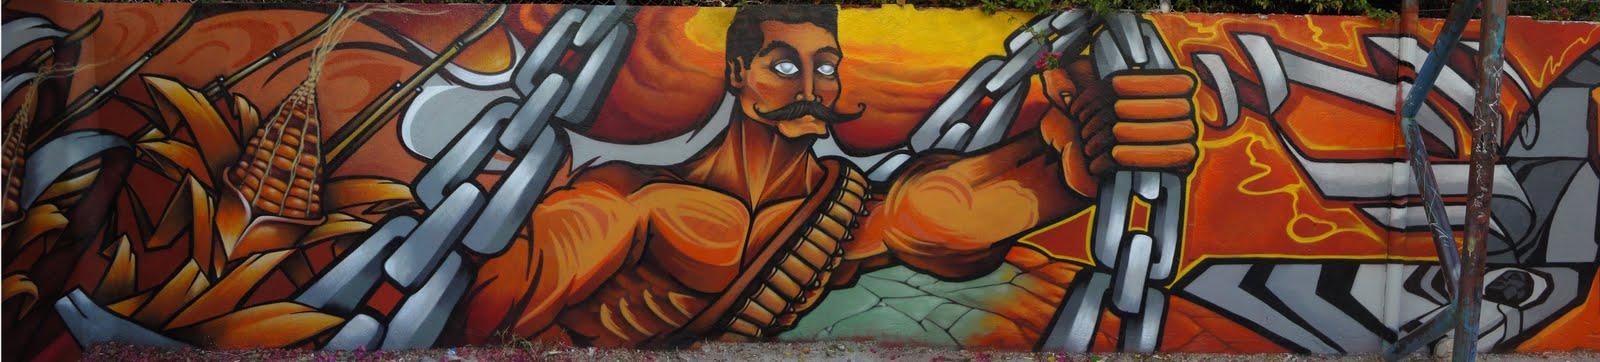 Frase Vrs Mural Para El Bicentenario Dela Revolucion Mexicana